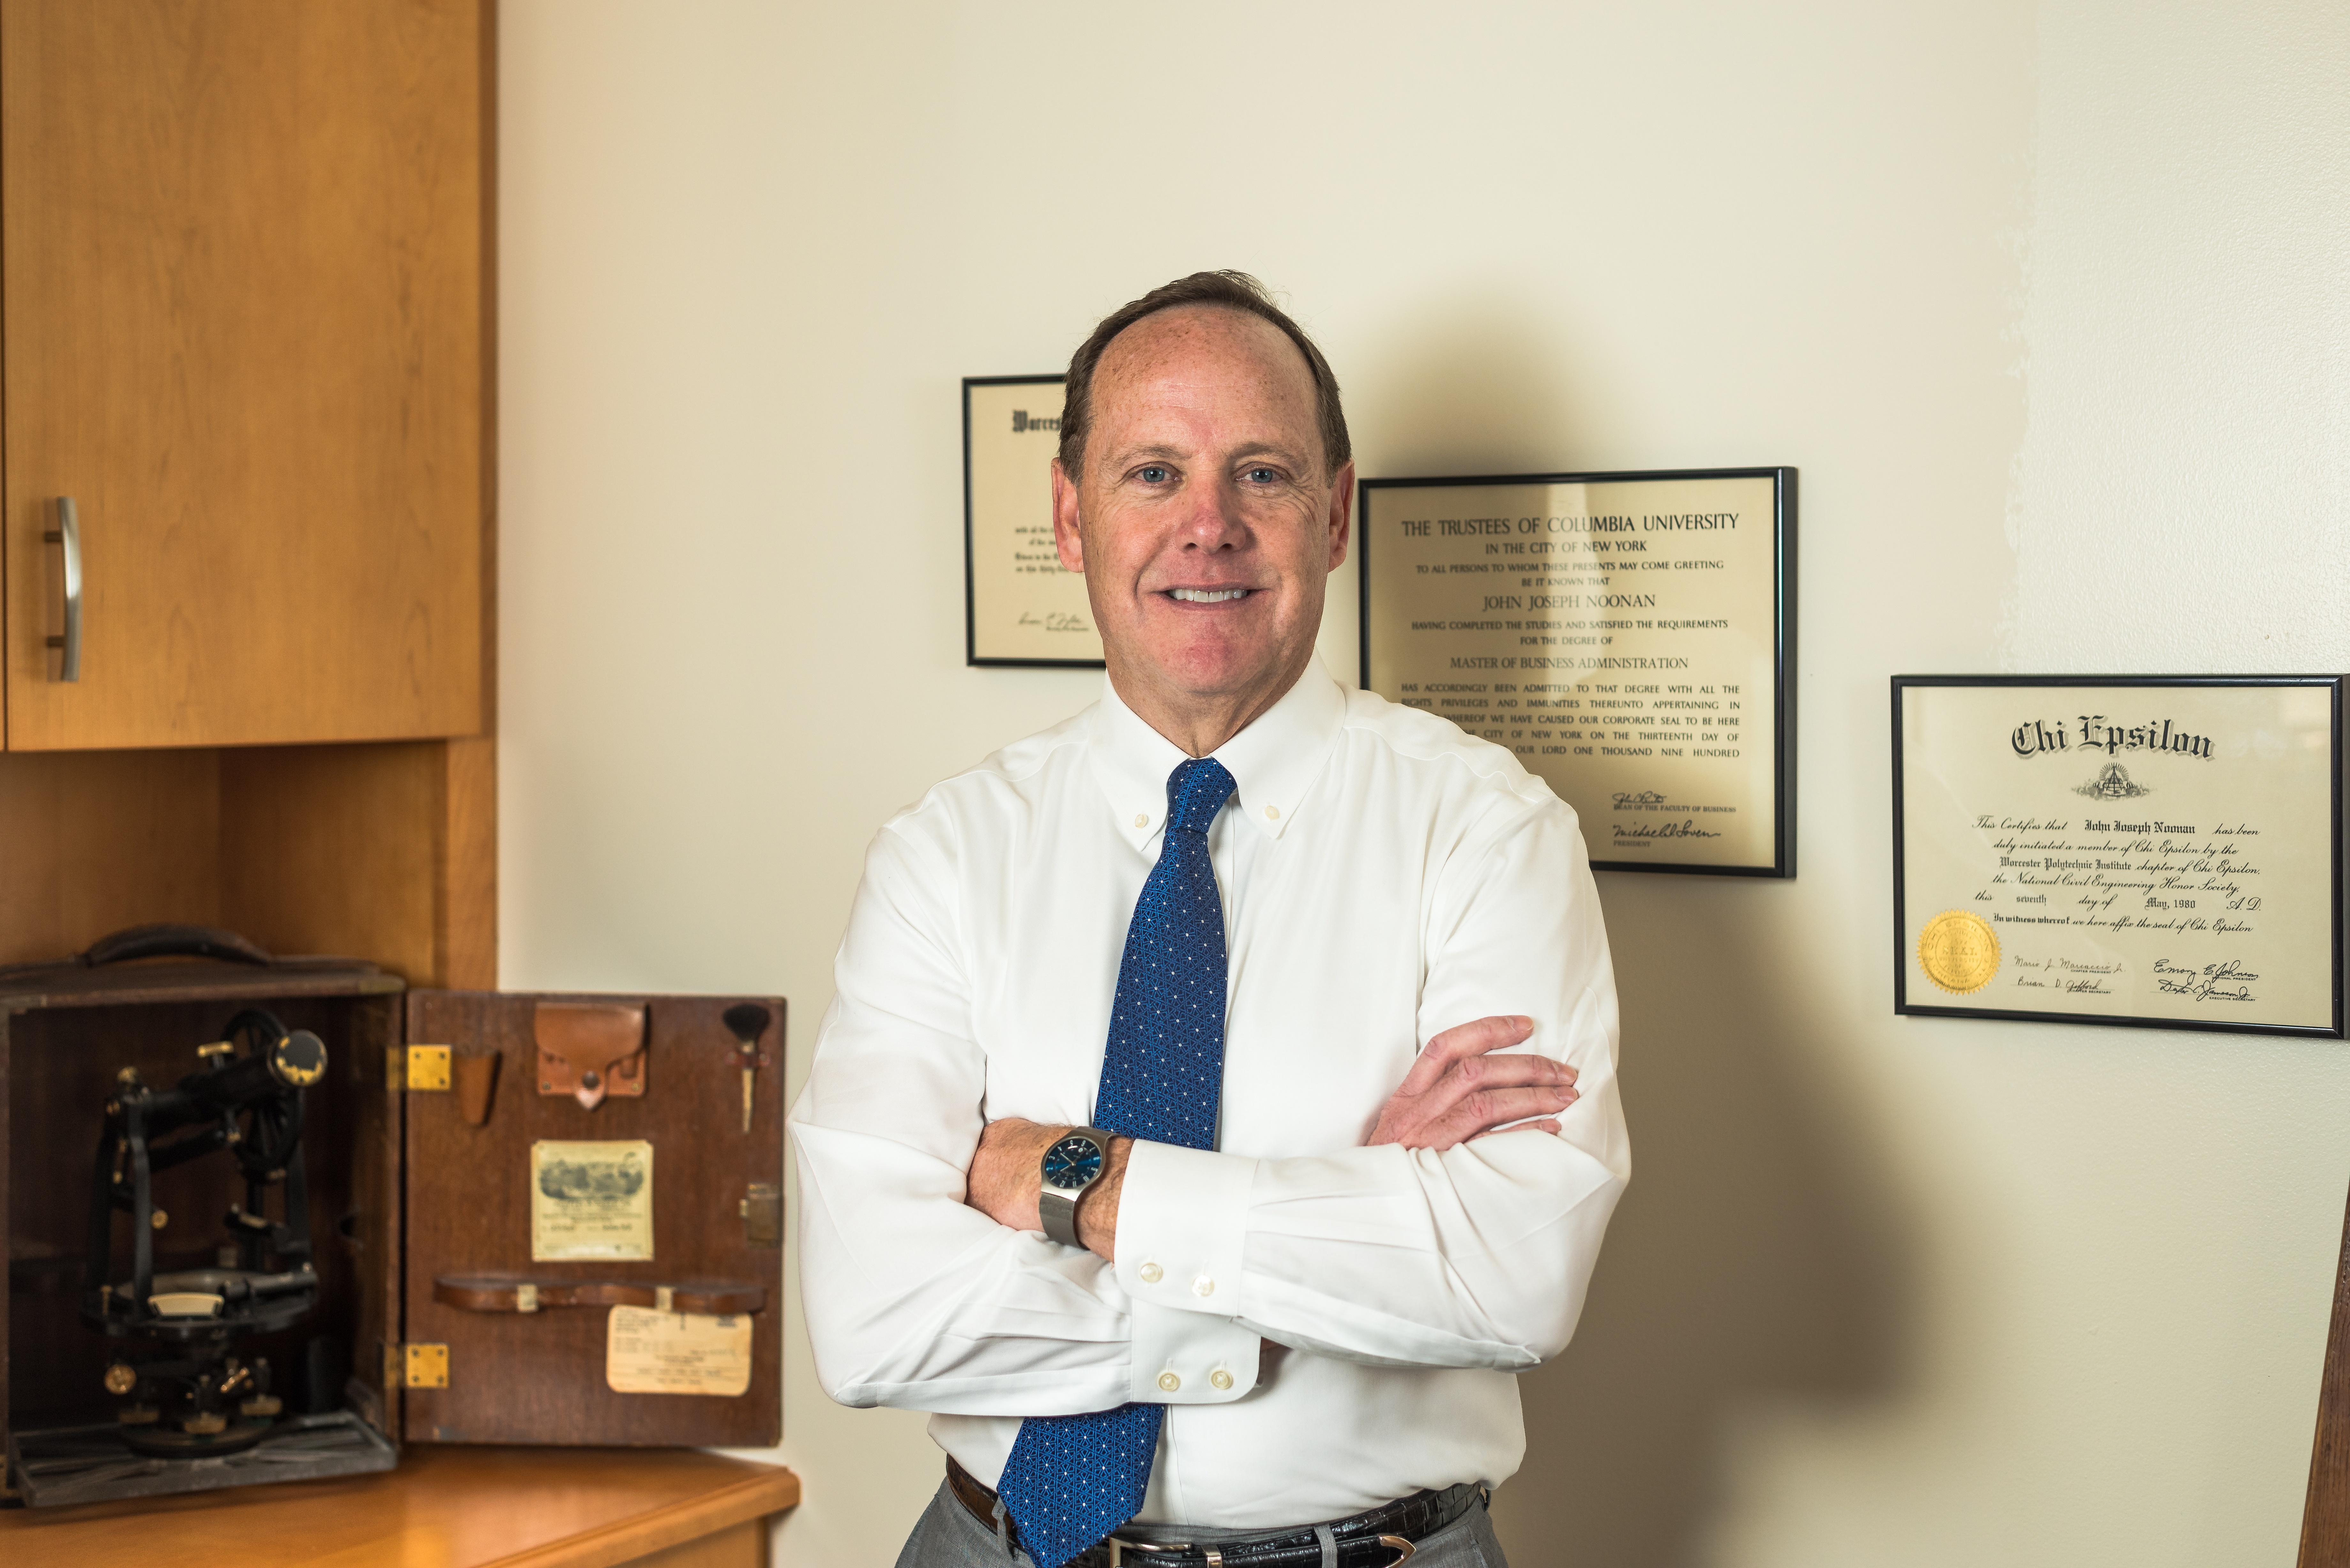 John-Noonan-Duke.jpg